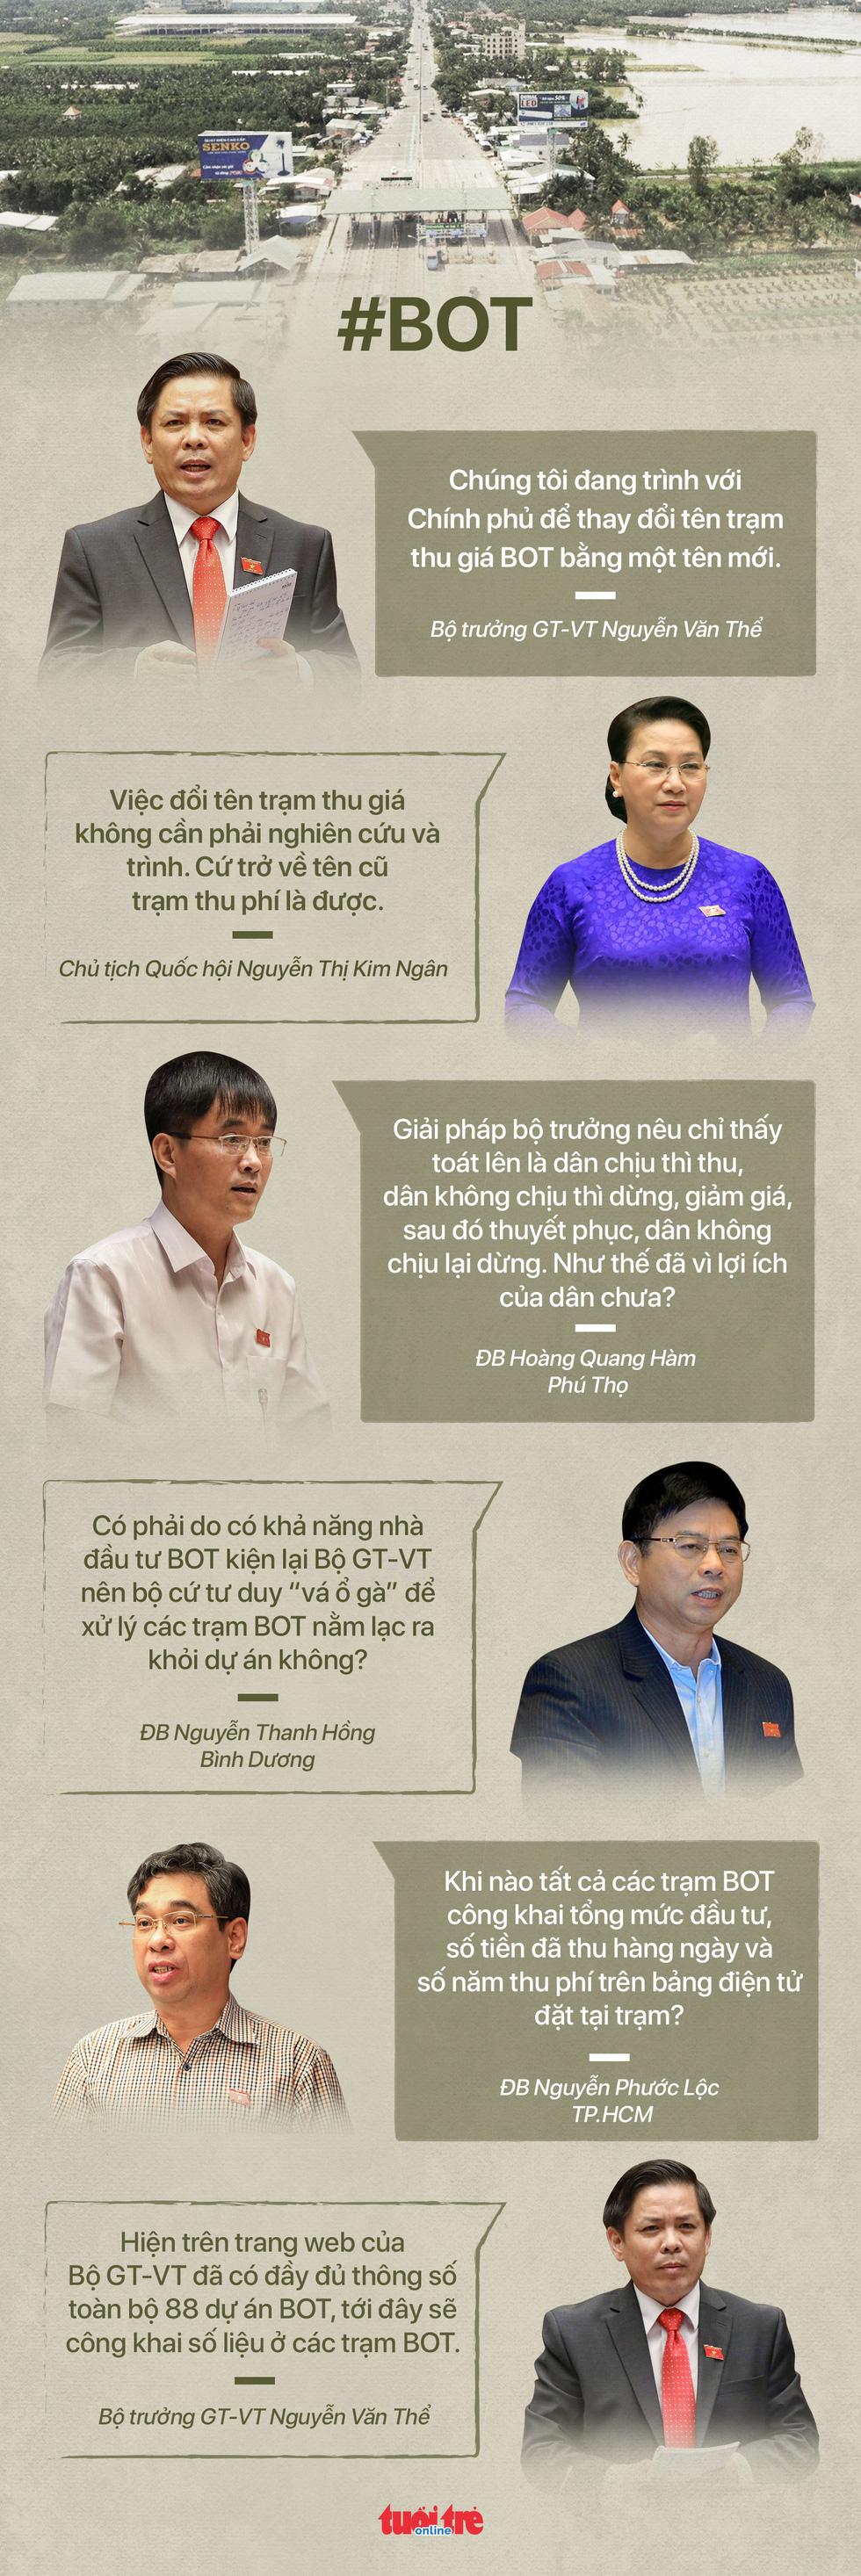 4 từ khoá nóng của 3 ngày Quốc hội chất vấn 4 bộ trưởng - Ảnh 1.